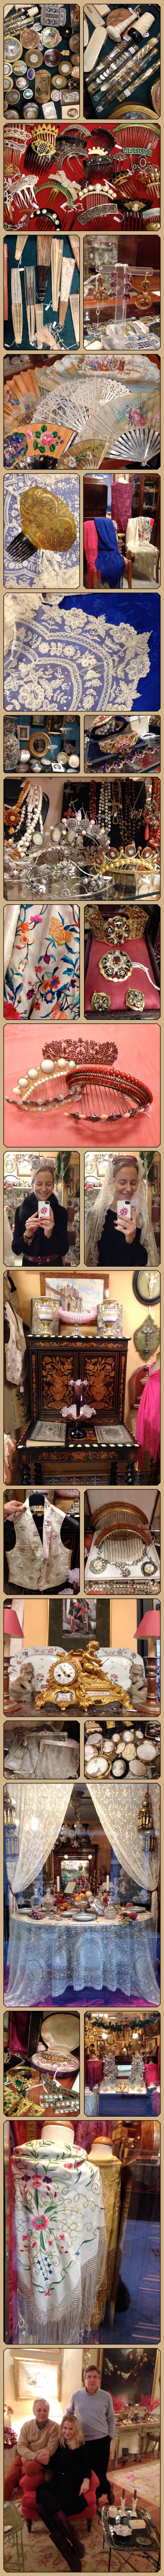 María León probándose cositas en la tienda de antigüedades de los Bastilippo en Sevilla